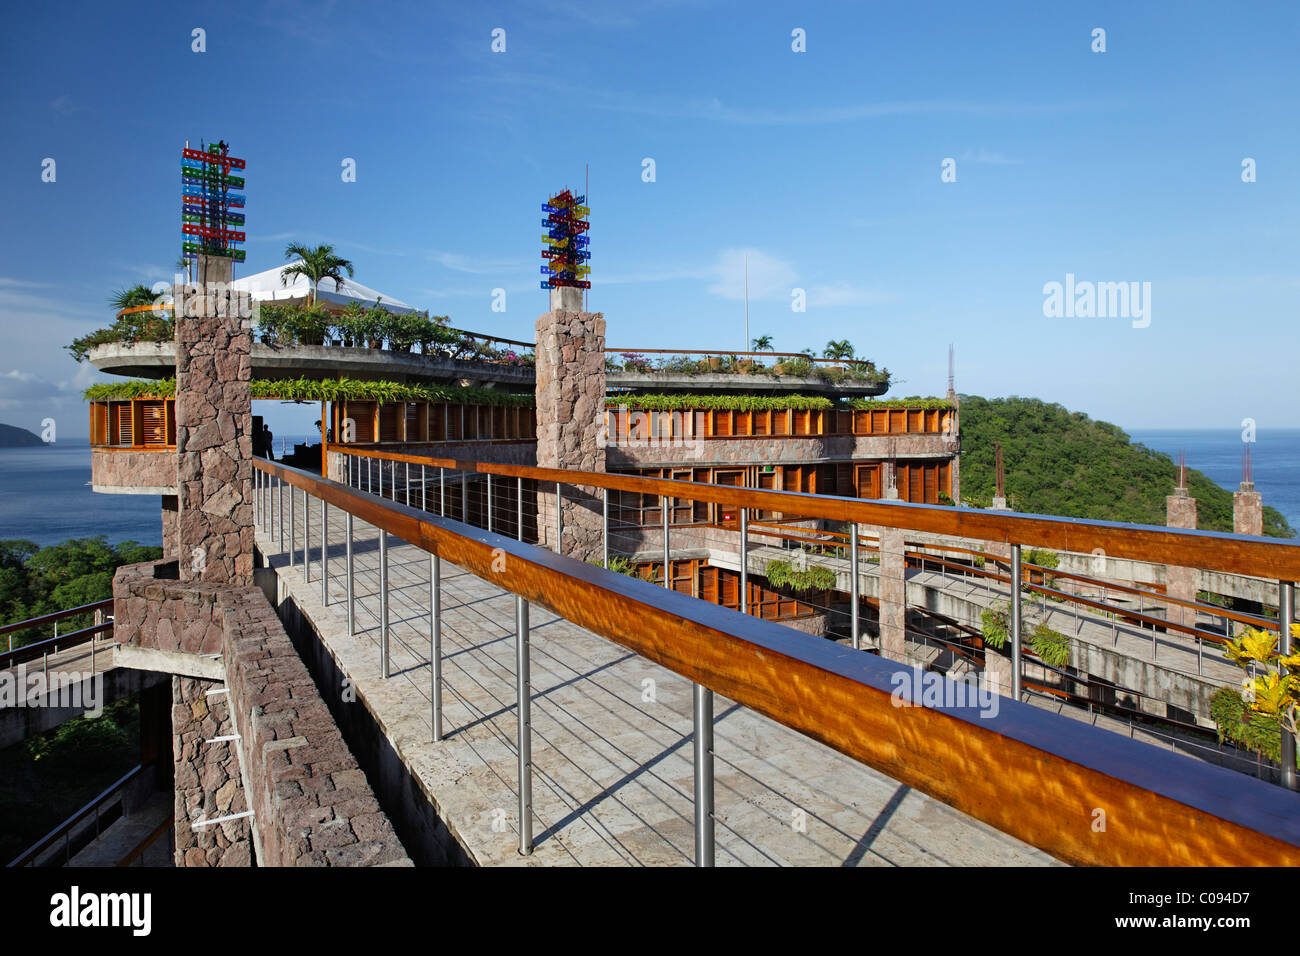 Restaurant le Pont de la montagne de jade, hôtel de luxe, Saint Lucia, îles du Vent, Petites Antilles, Caraïbes, mer des Caraïbes Banque D'Images